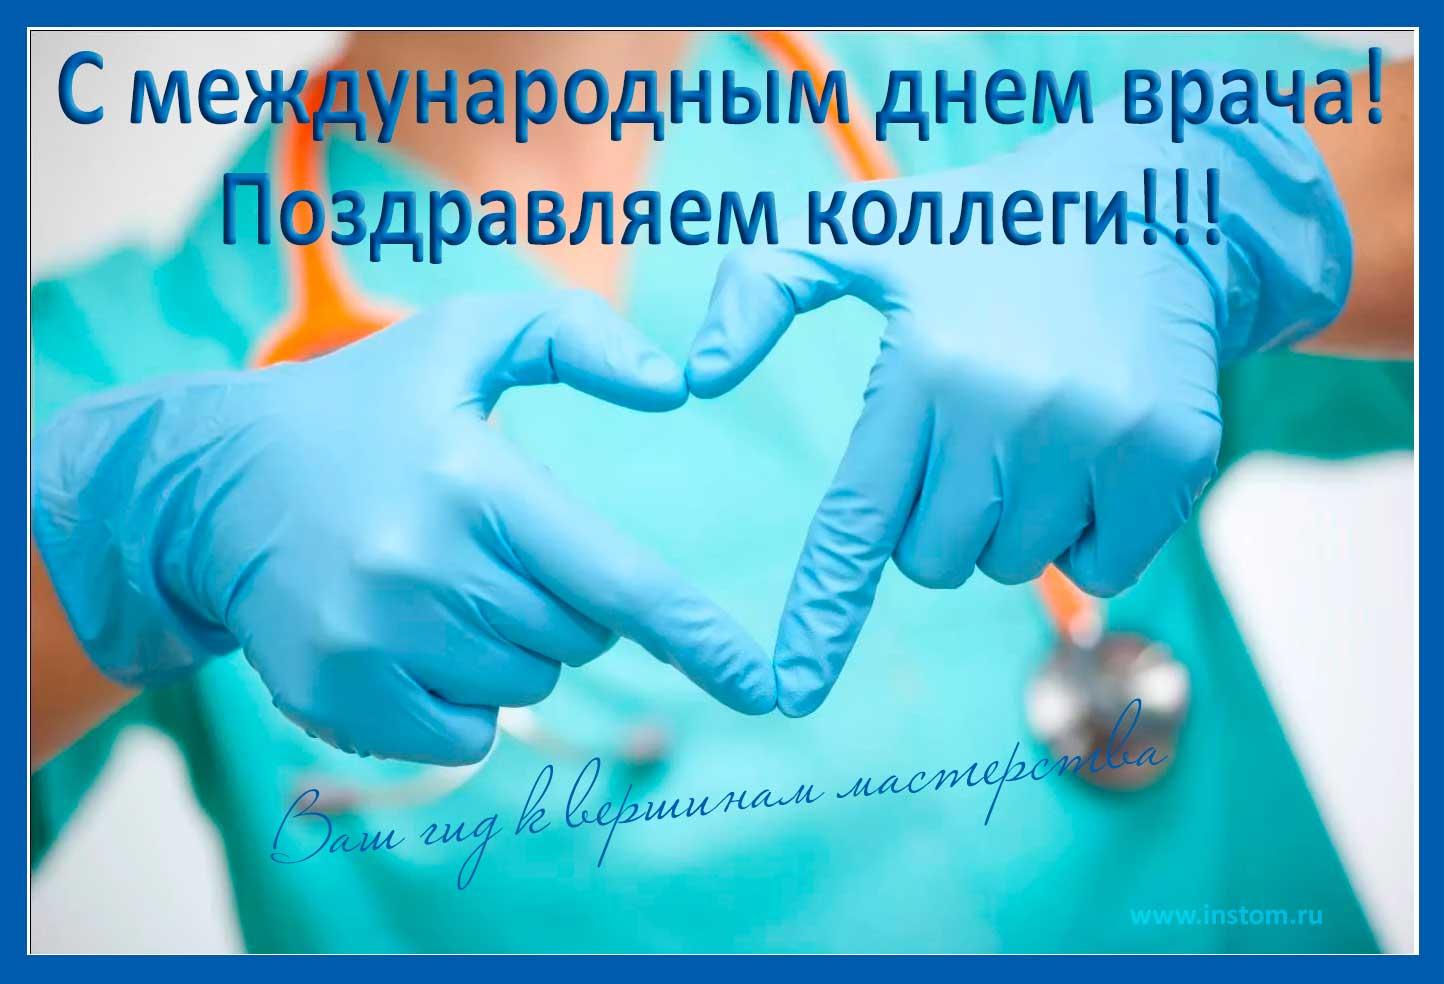 С международным днем врача поздравления картинки 1 октября, поздравления картинках